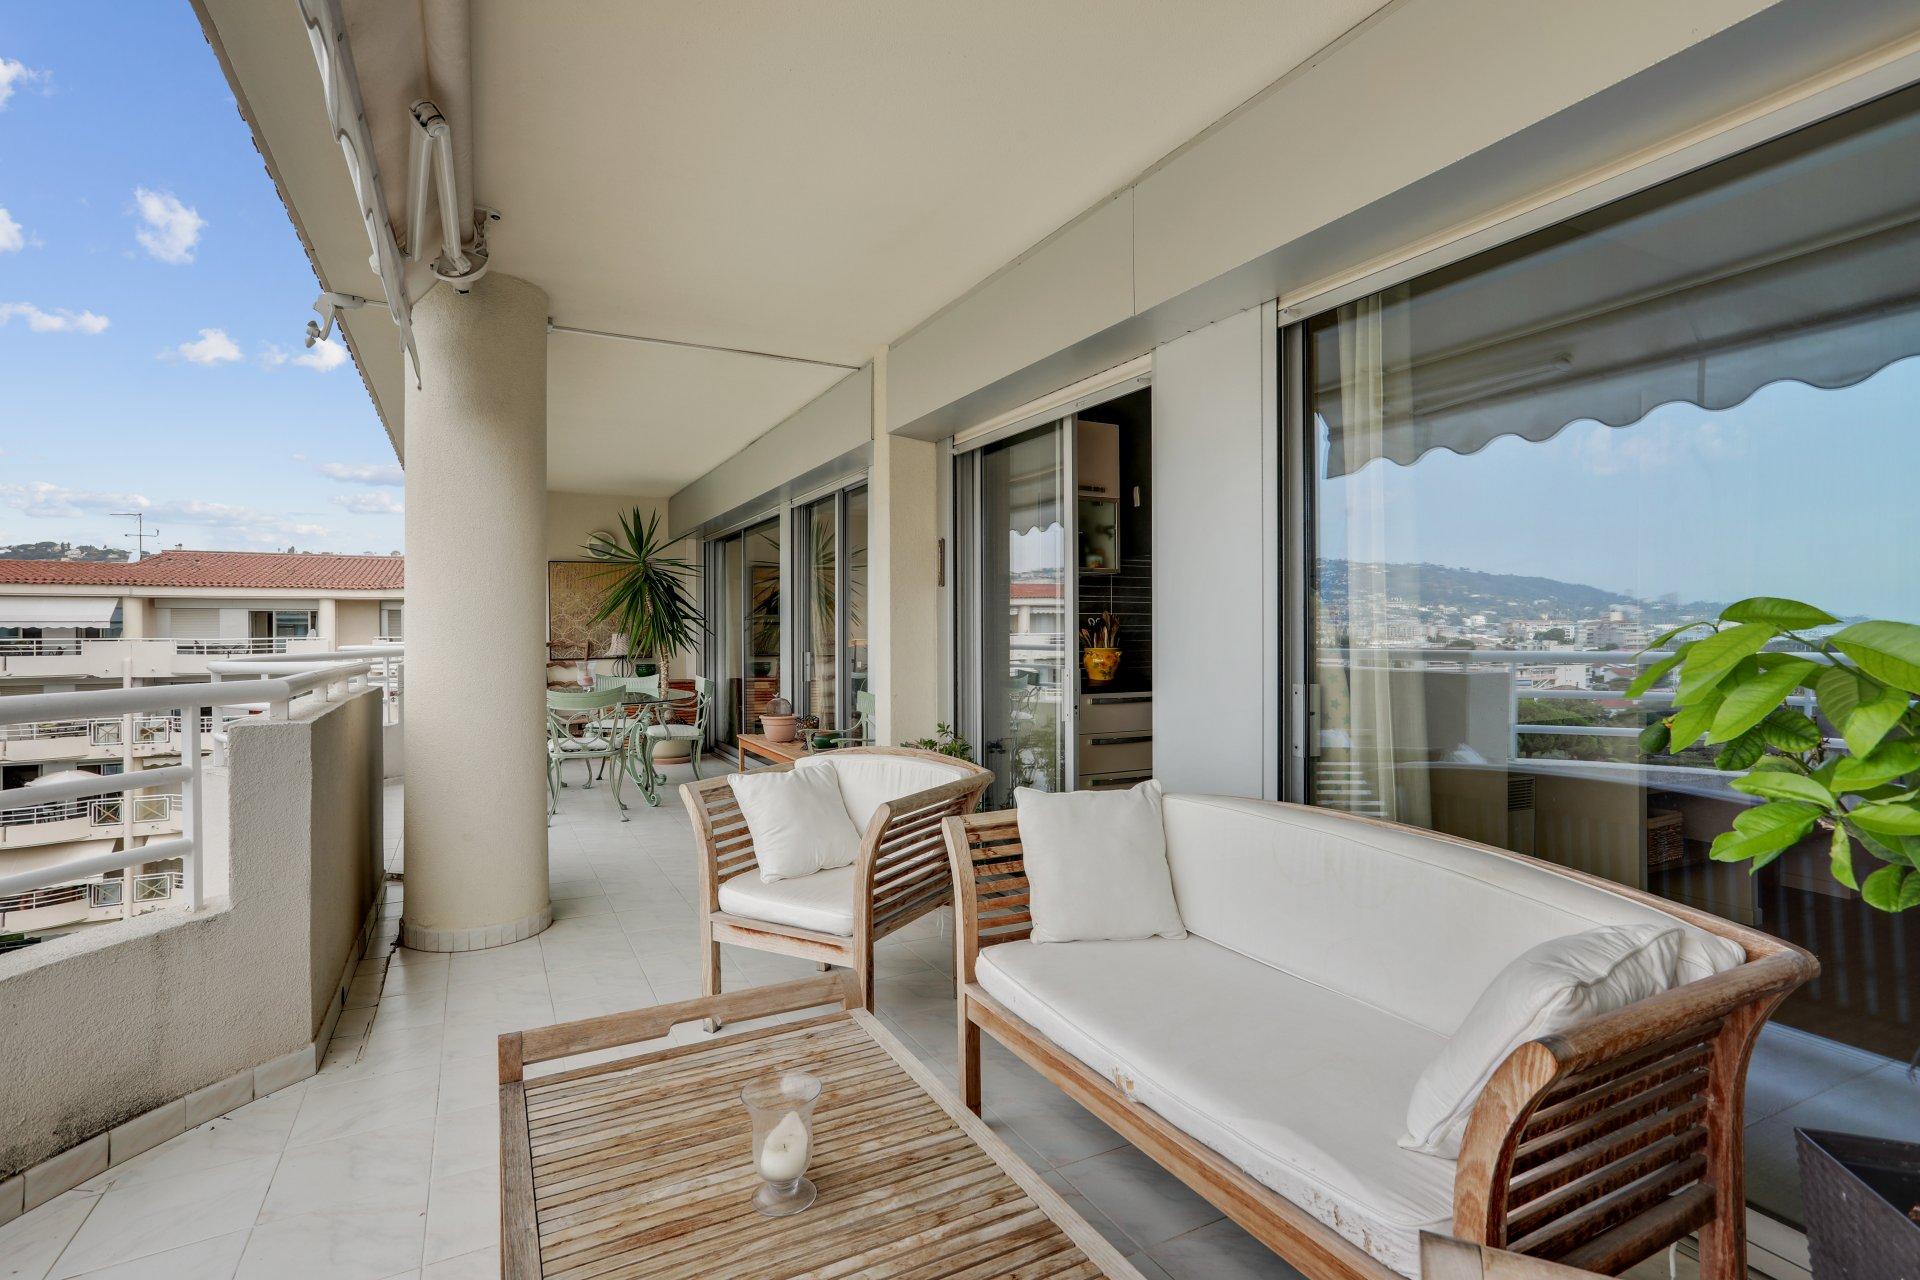 EXCLUSIVITE - JUAN LES PINS - Rare, dernier étage avec vue mer et grande terrasse